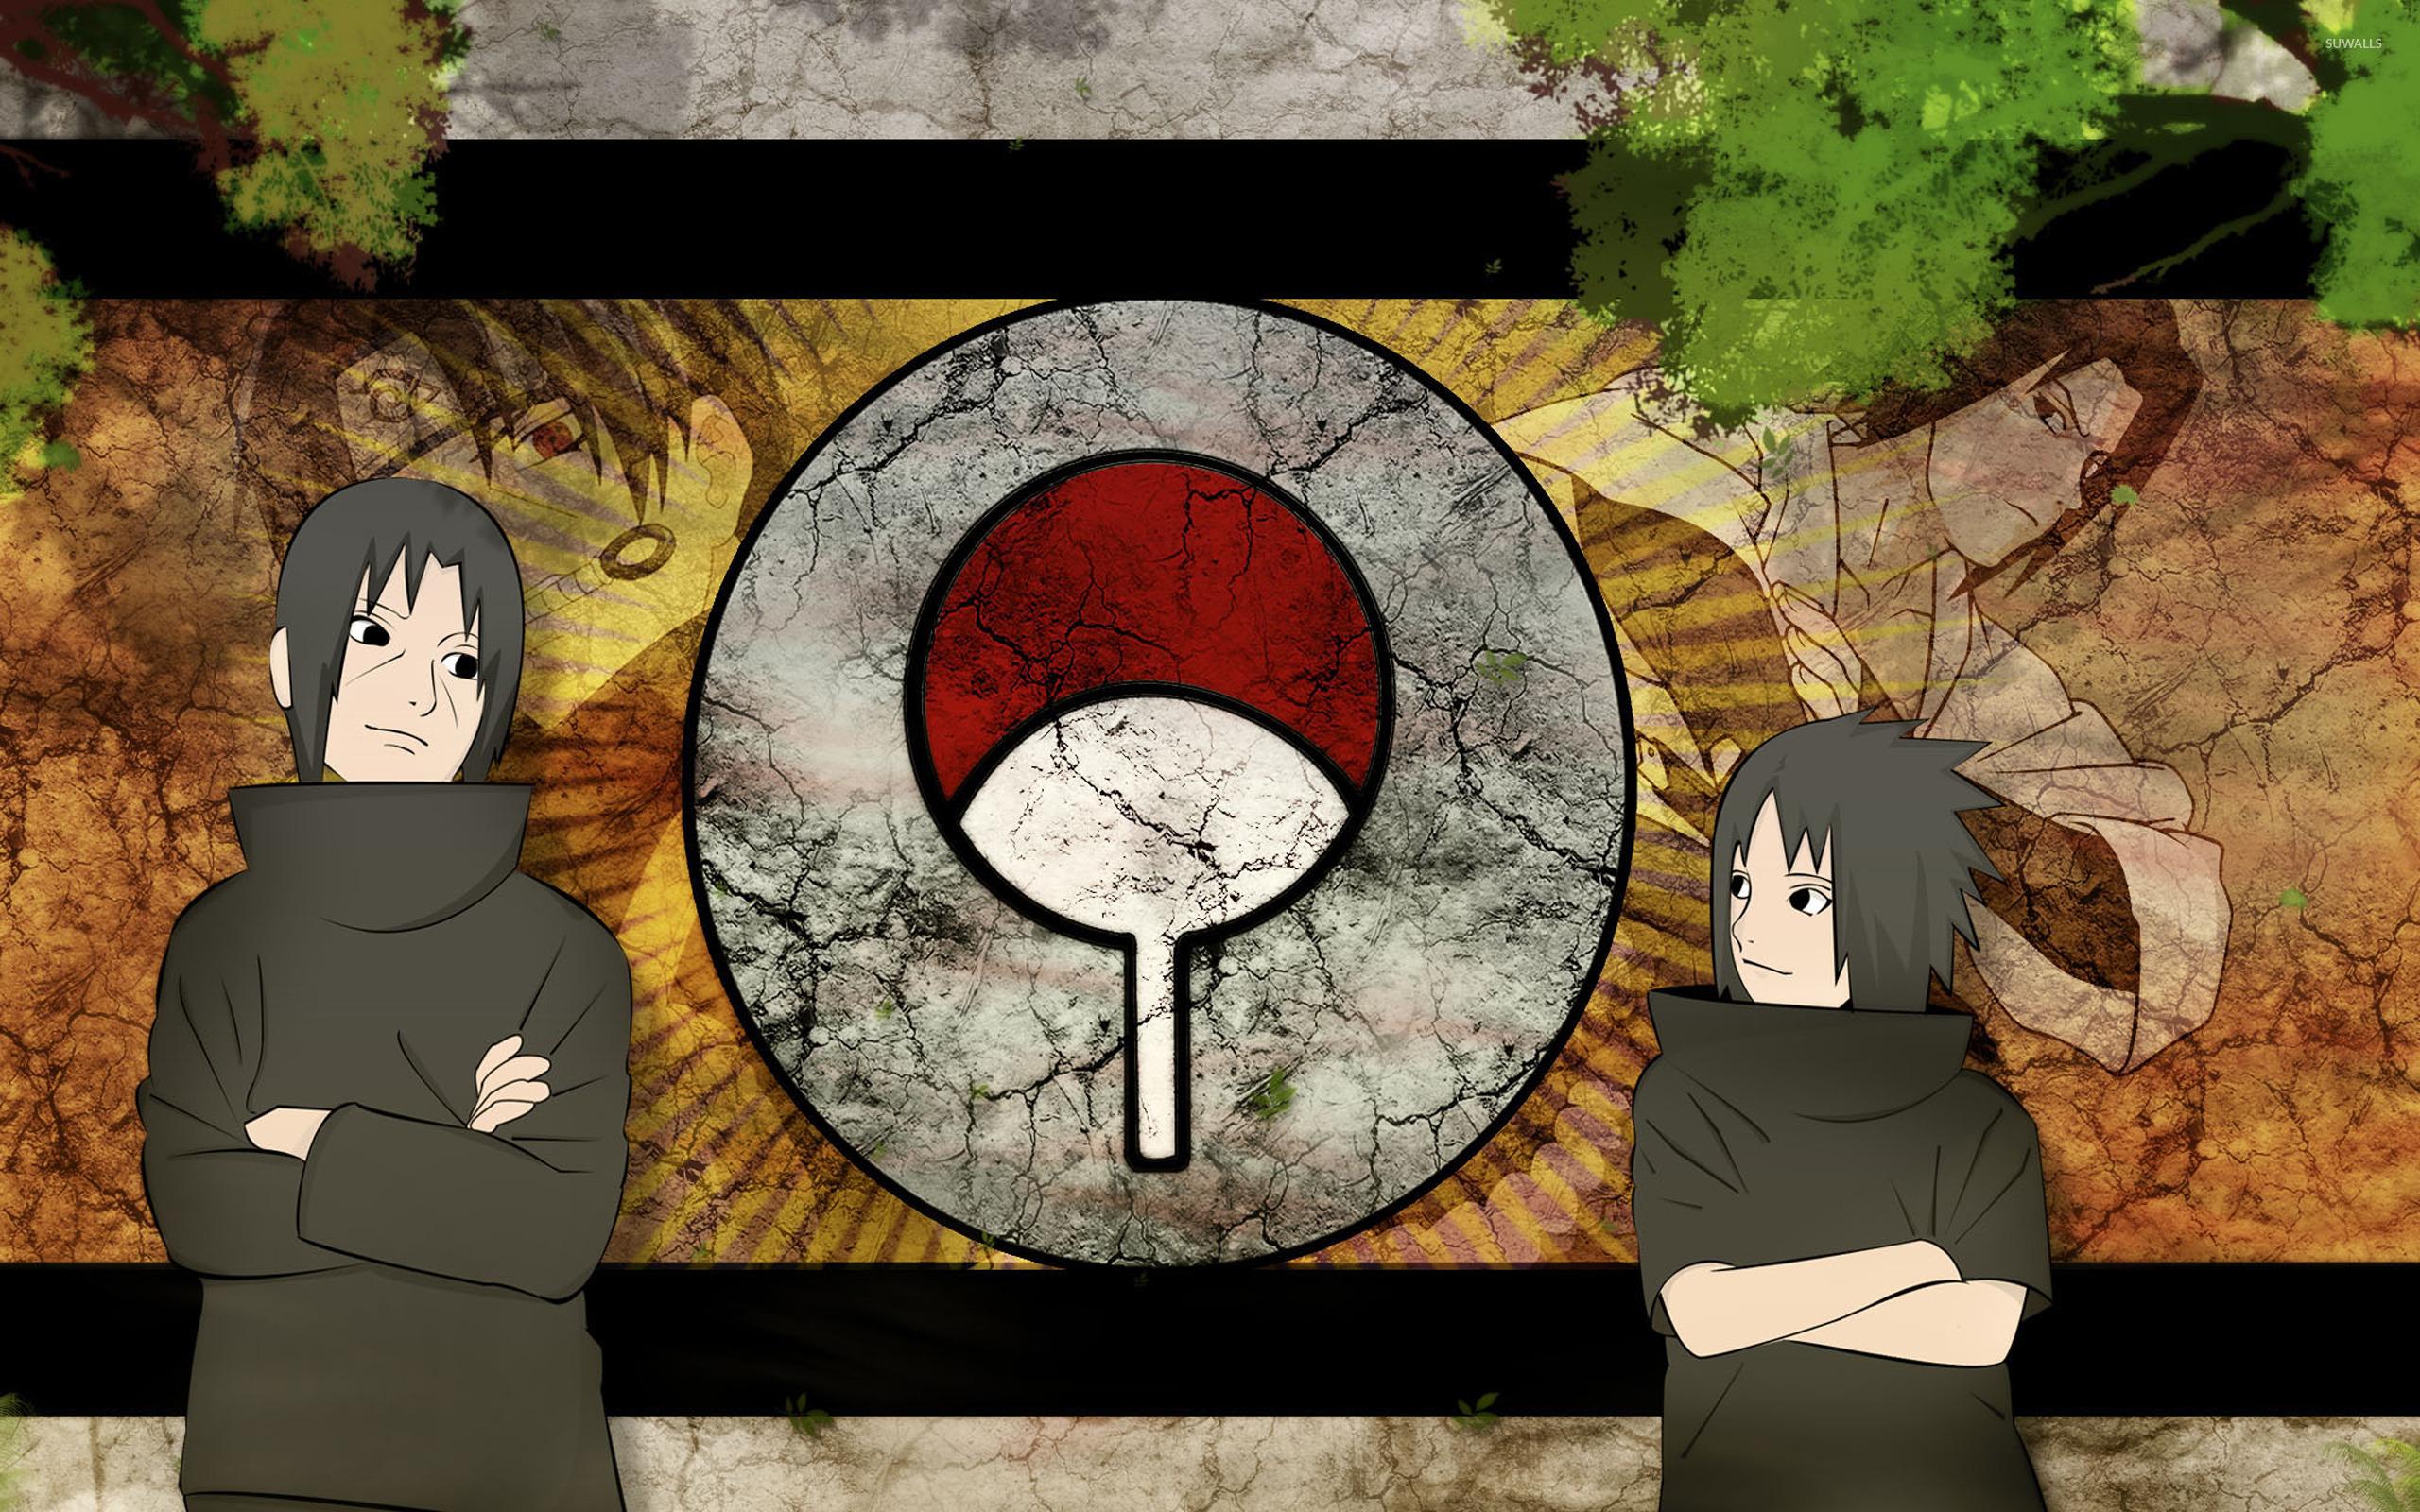 Itachi Uchiha And Sasuke Uchiha Wallpaper Uchiha 1920x1080 Download Hd Wallpaper Wallpapertip